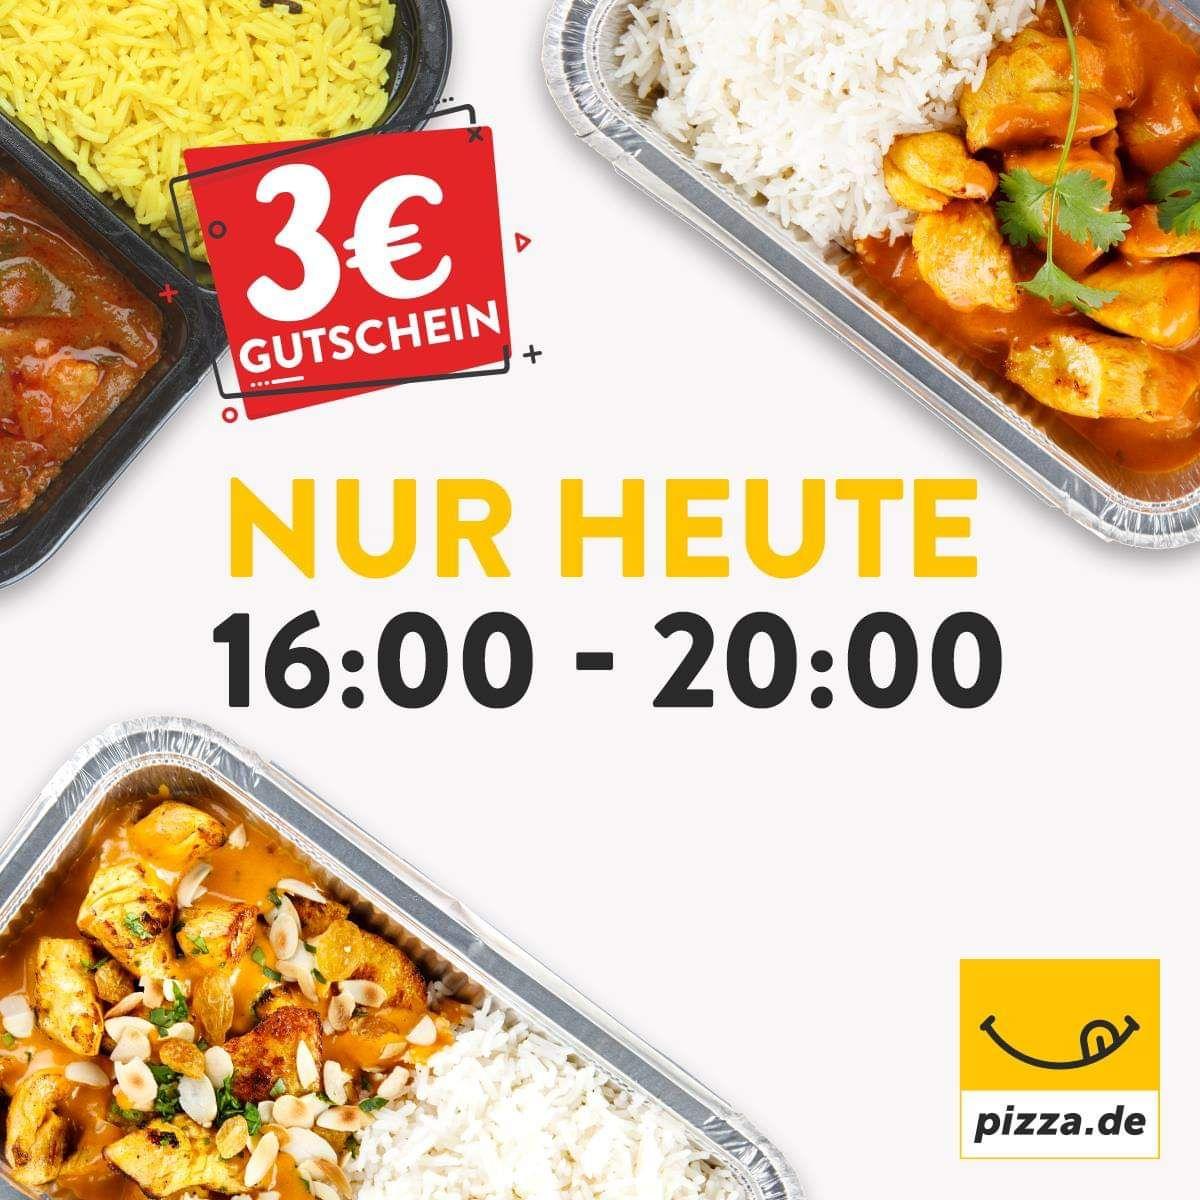 Pizza.de - 3€ Gutschein mit 8€ MBW ab 16 Uhr